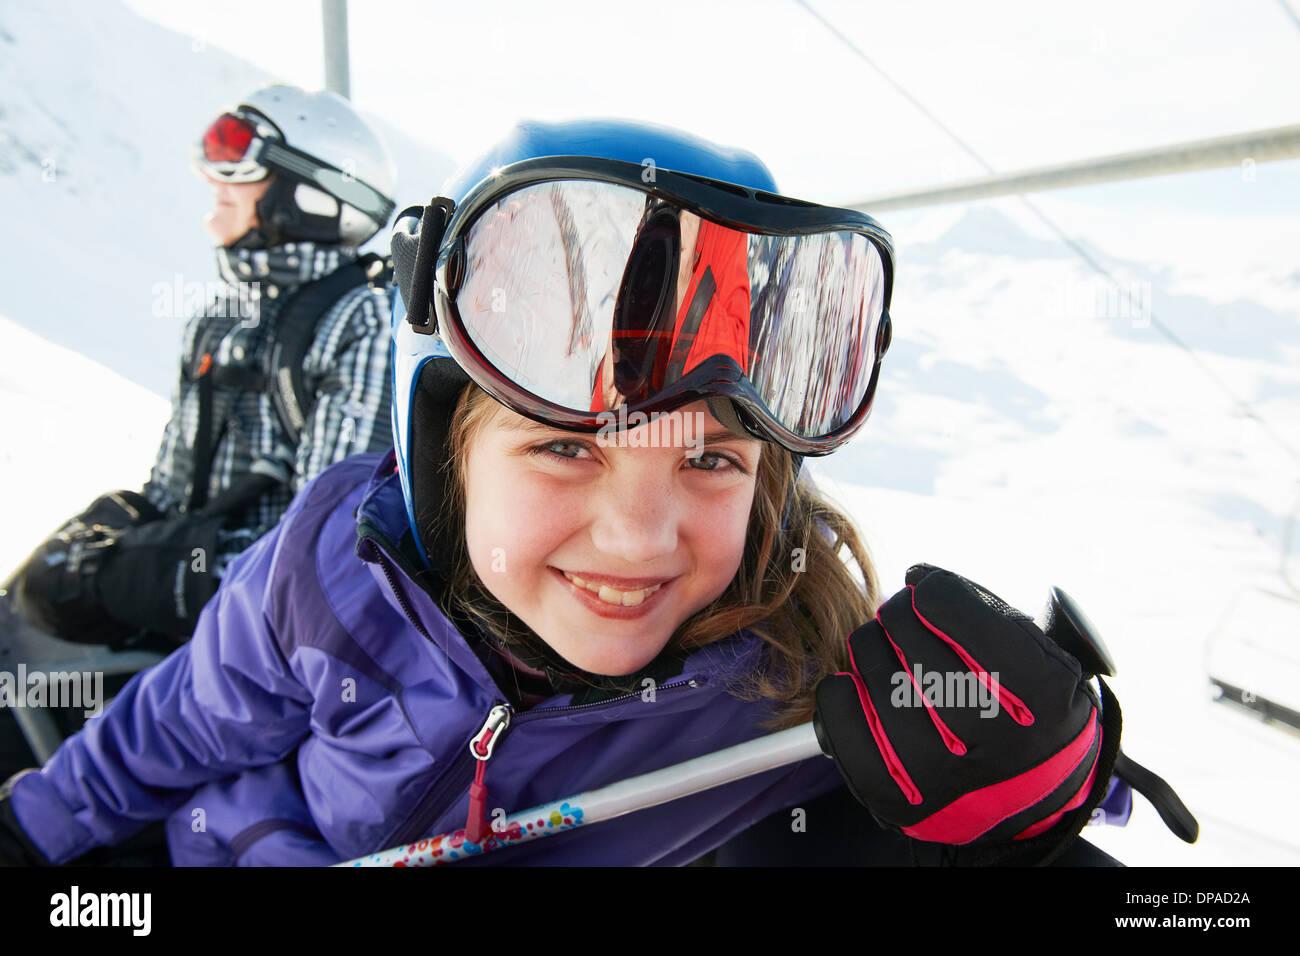 Porträt des jungen Mädchens am Skilift, Les Arcs, Haute-Savoie, Frankreich Stockbild